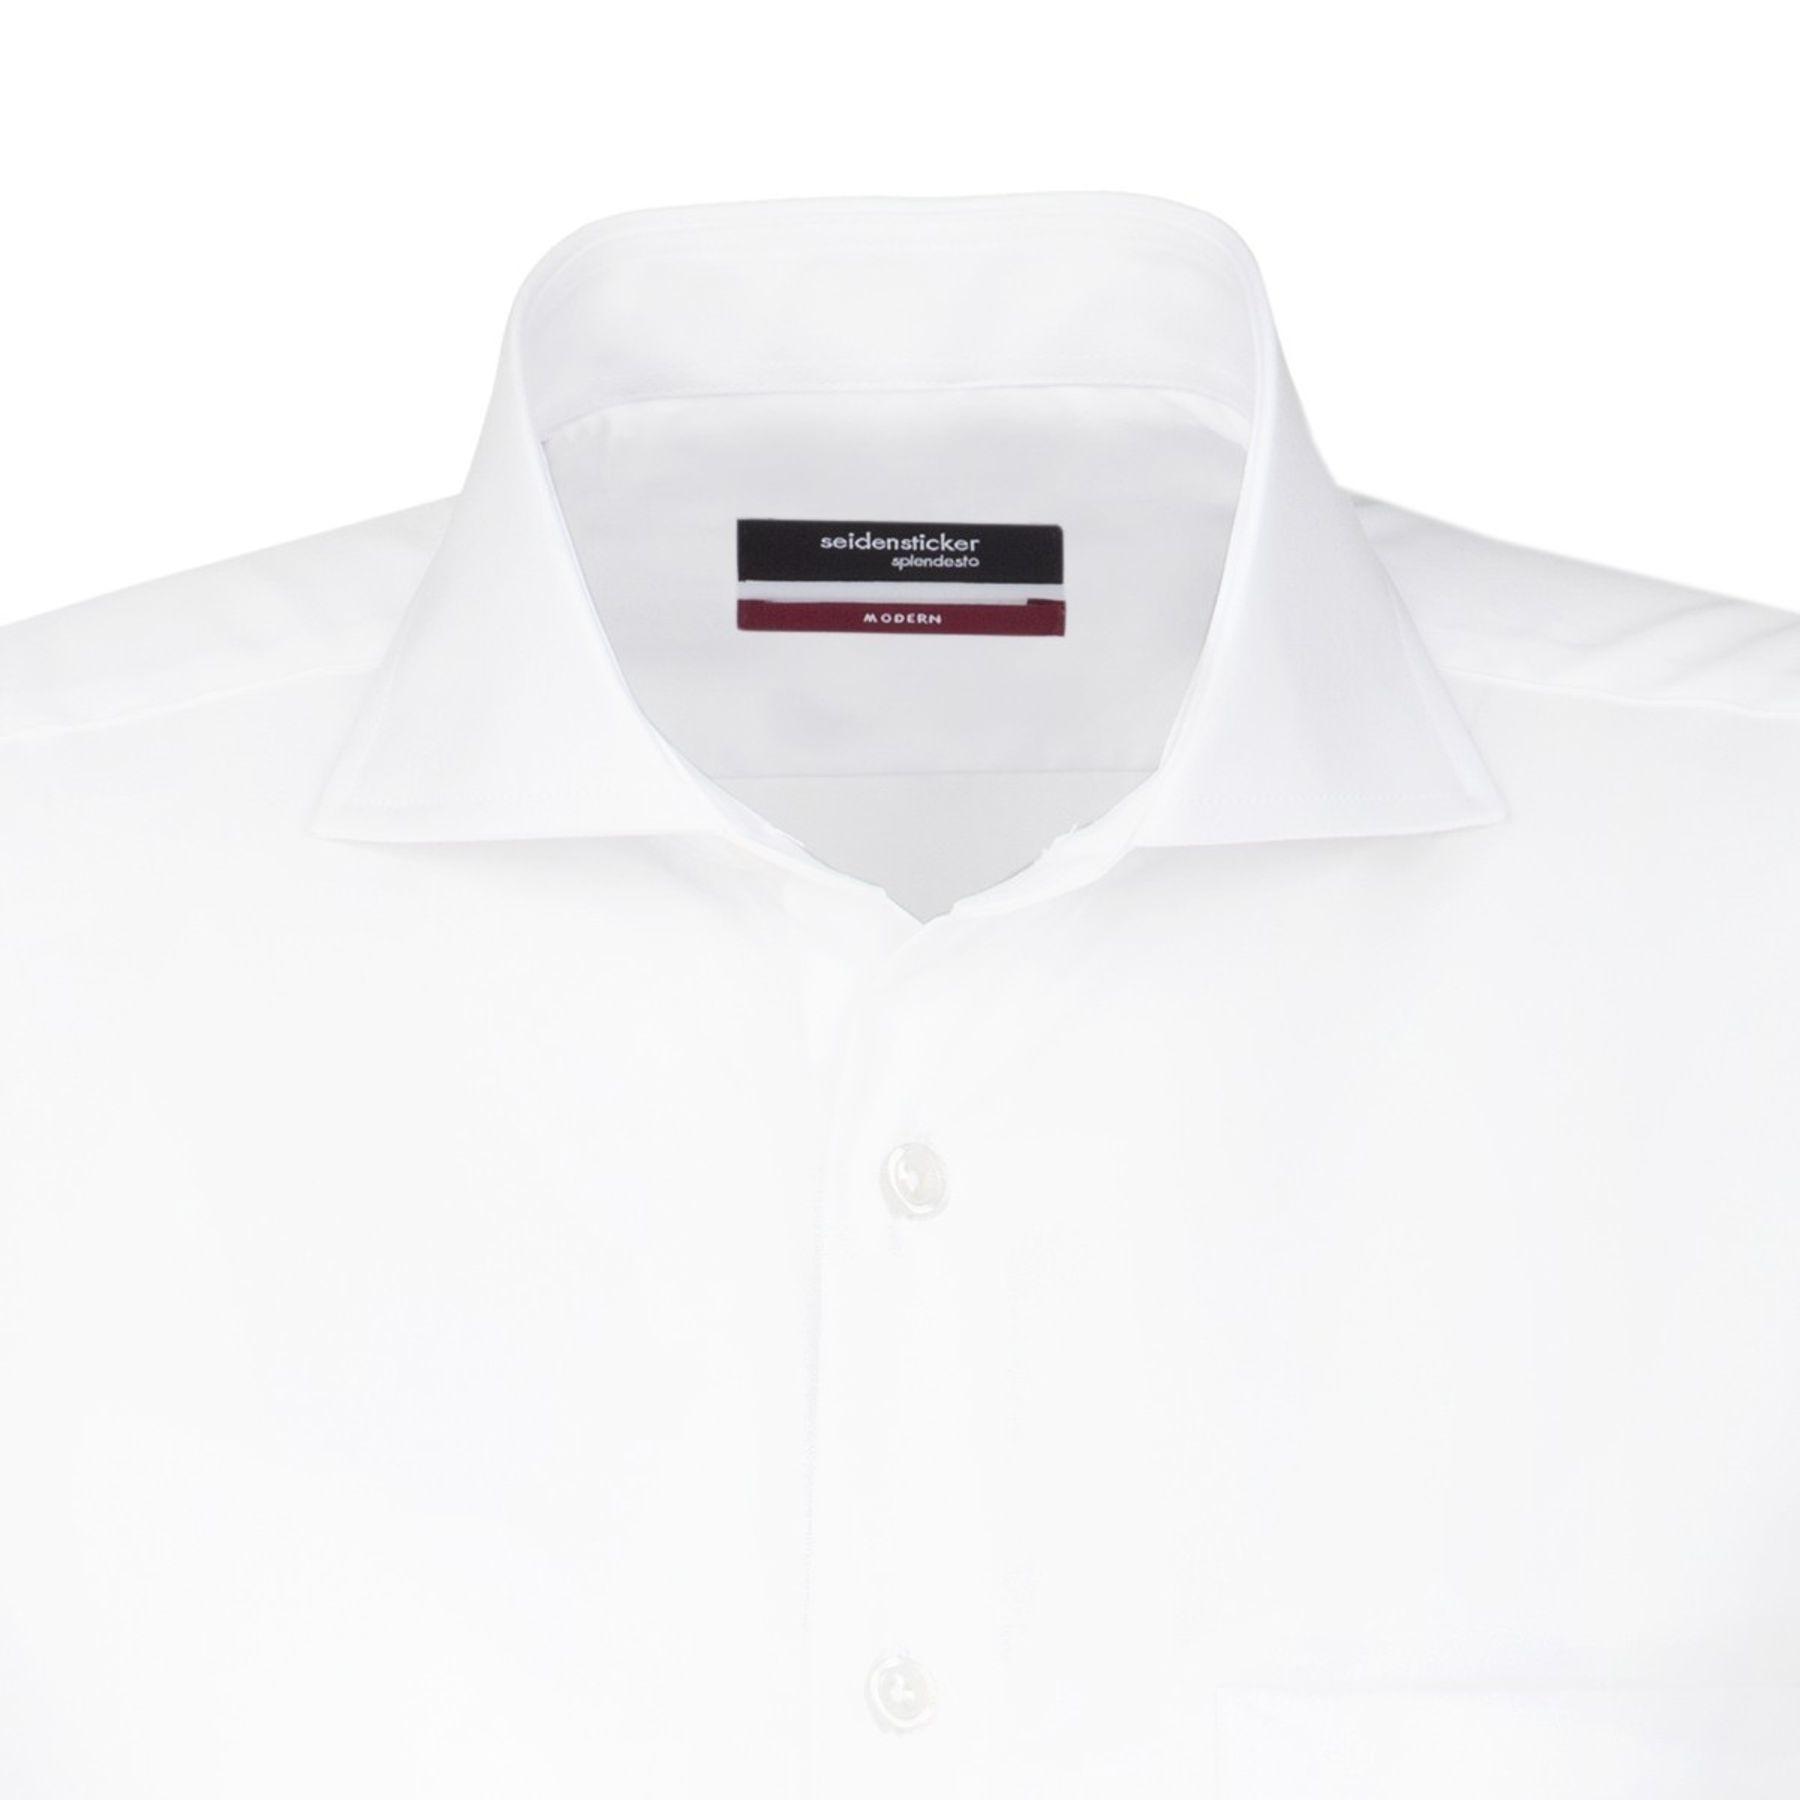 Seidensticker - Herren Hemd, Bügelfrei, Modern, Schwarze Rose mit Shark Kragen in Weiß (01.003008) – Bild 4